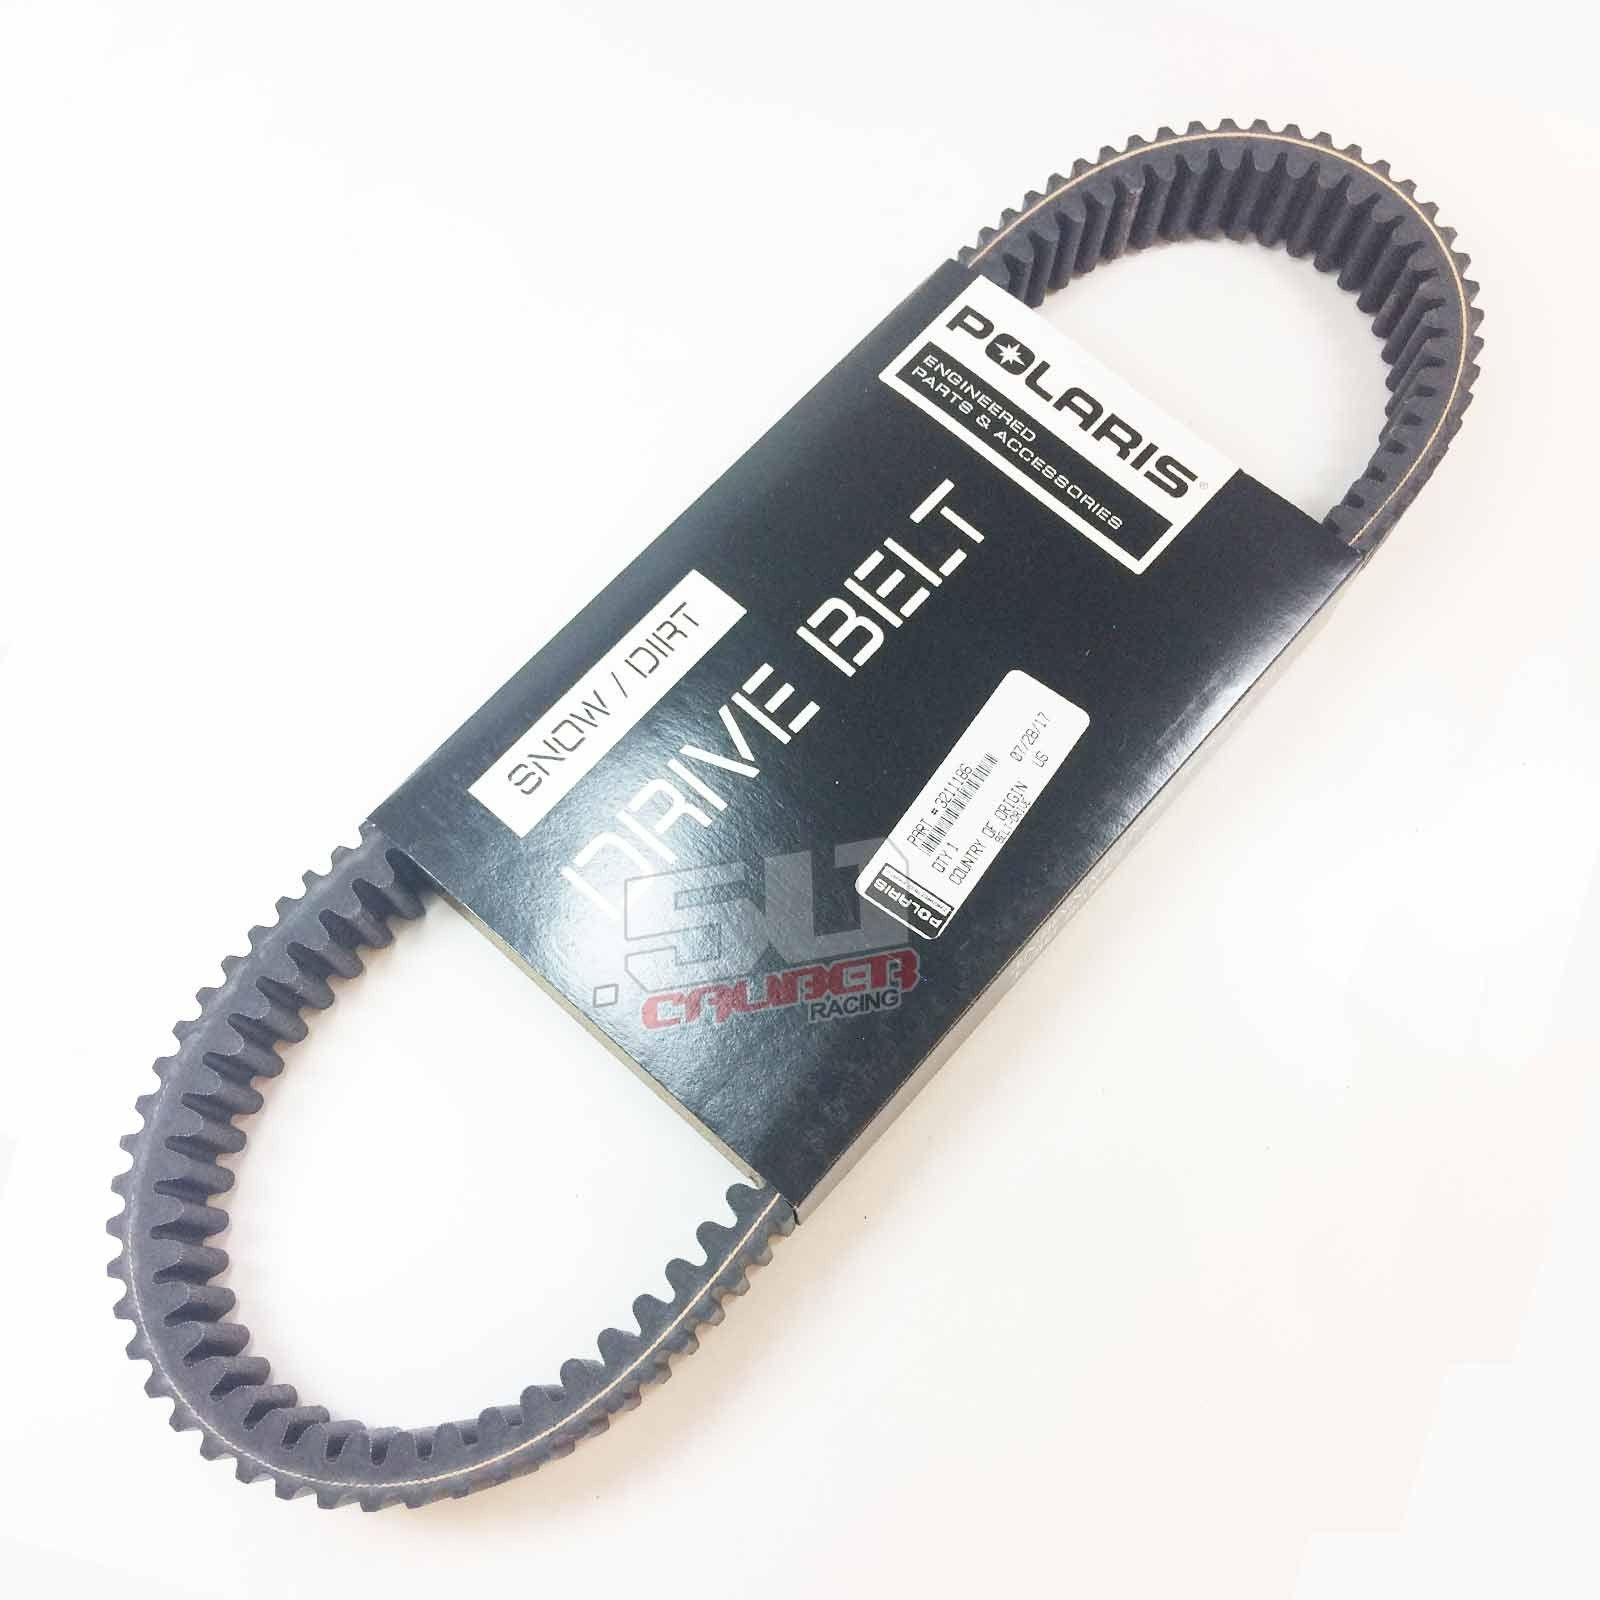 Details about OEM Factory Part 3211186 Polaris Drive Belt RZR RZR XP Turbo  RS1 Ranger 1000 XP